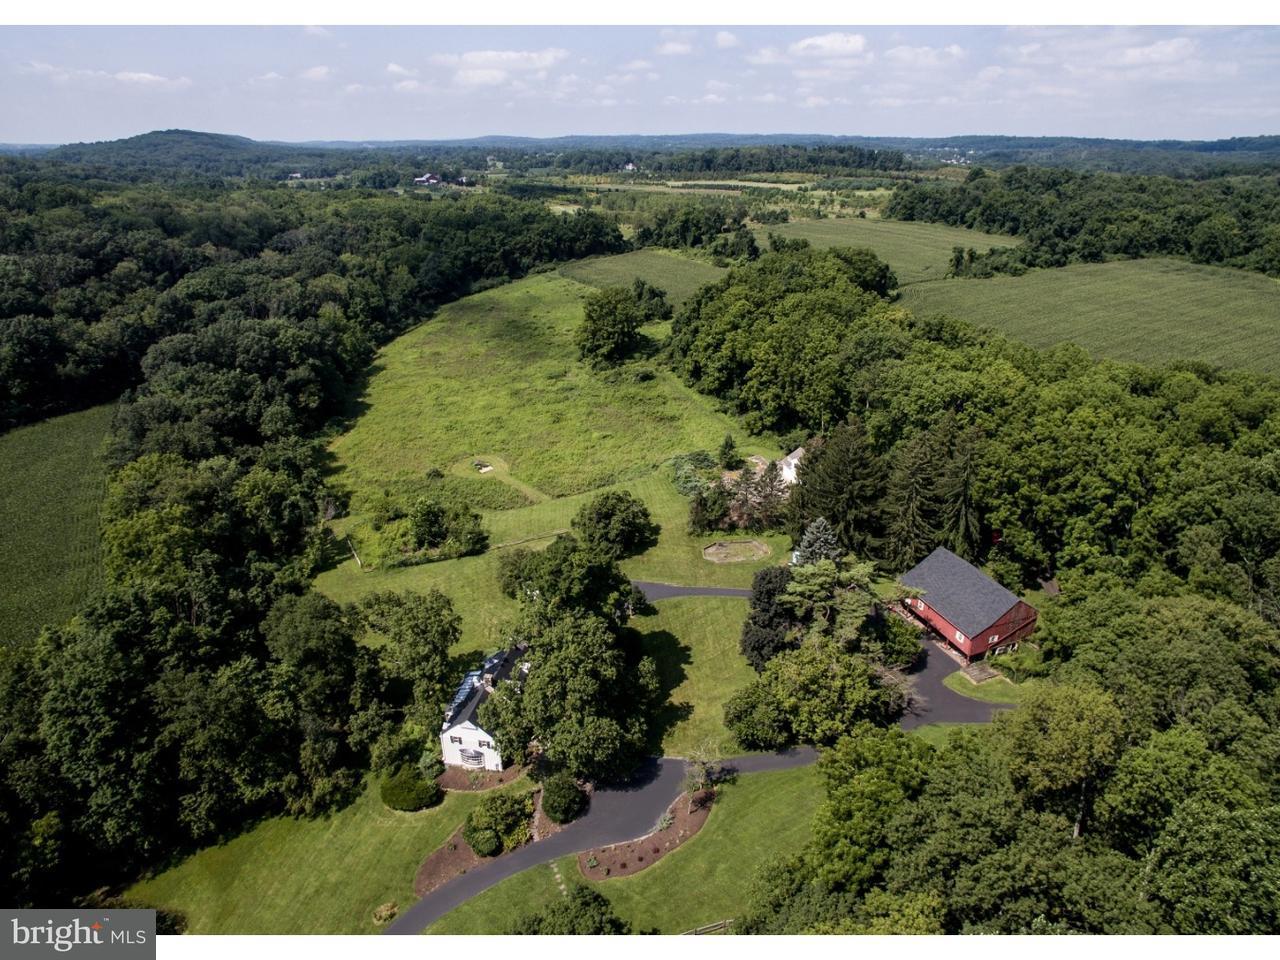 独户住宅 为 销售 在 6117 LOWER MOUNTAIN Road 新希望镇, 宾夕法尼亚州 18938 美国在/周边: Solebury Township